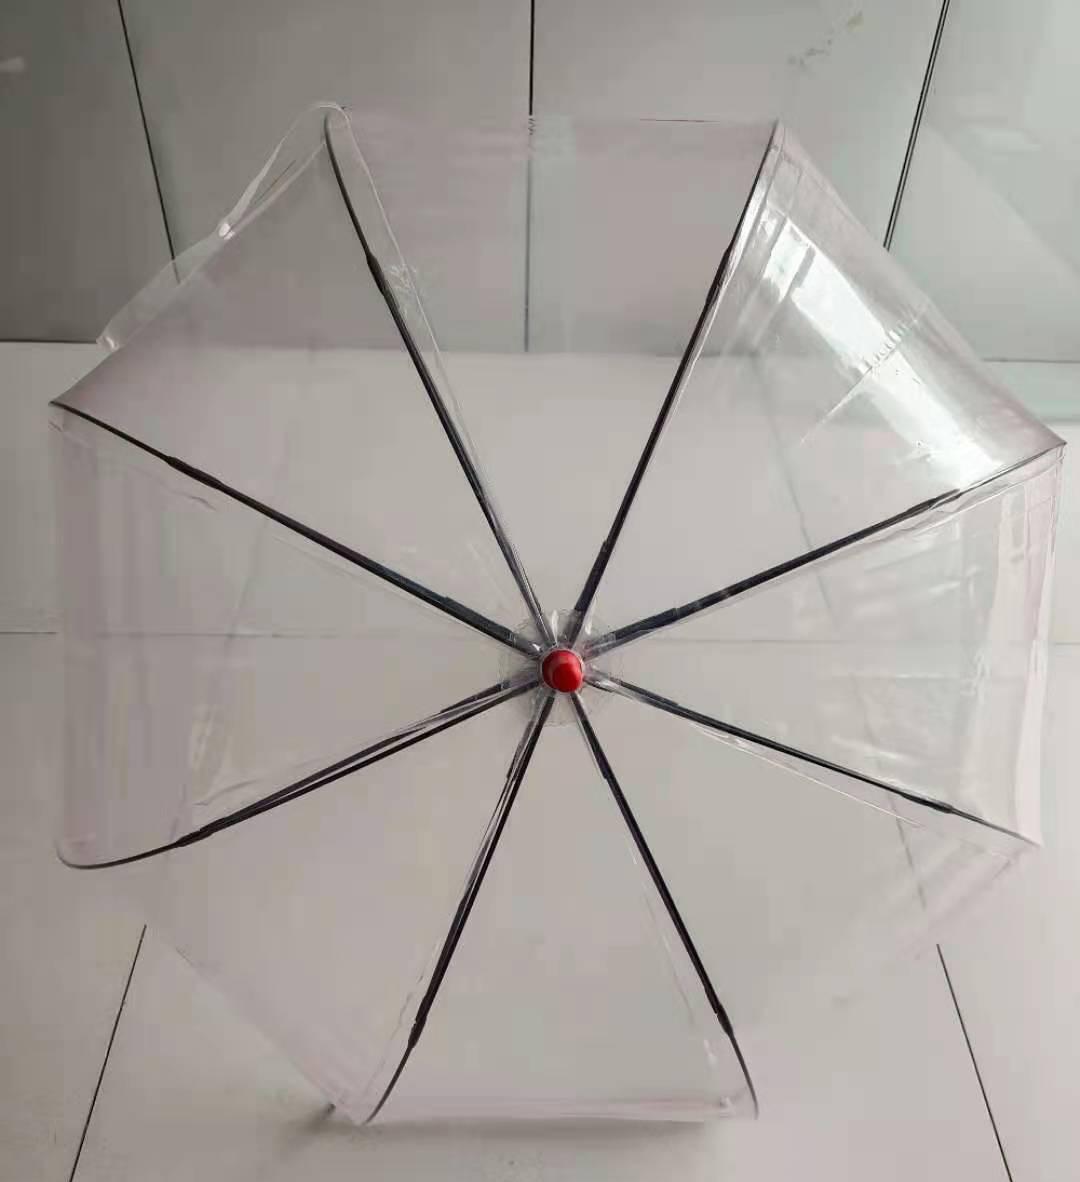 雨伞定制货期需要多少天